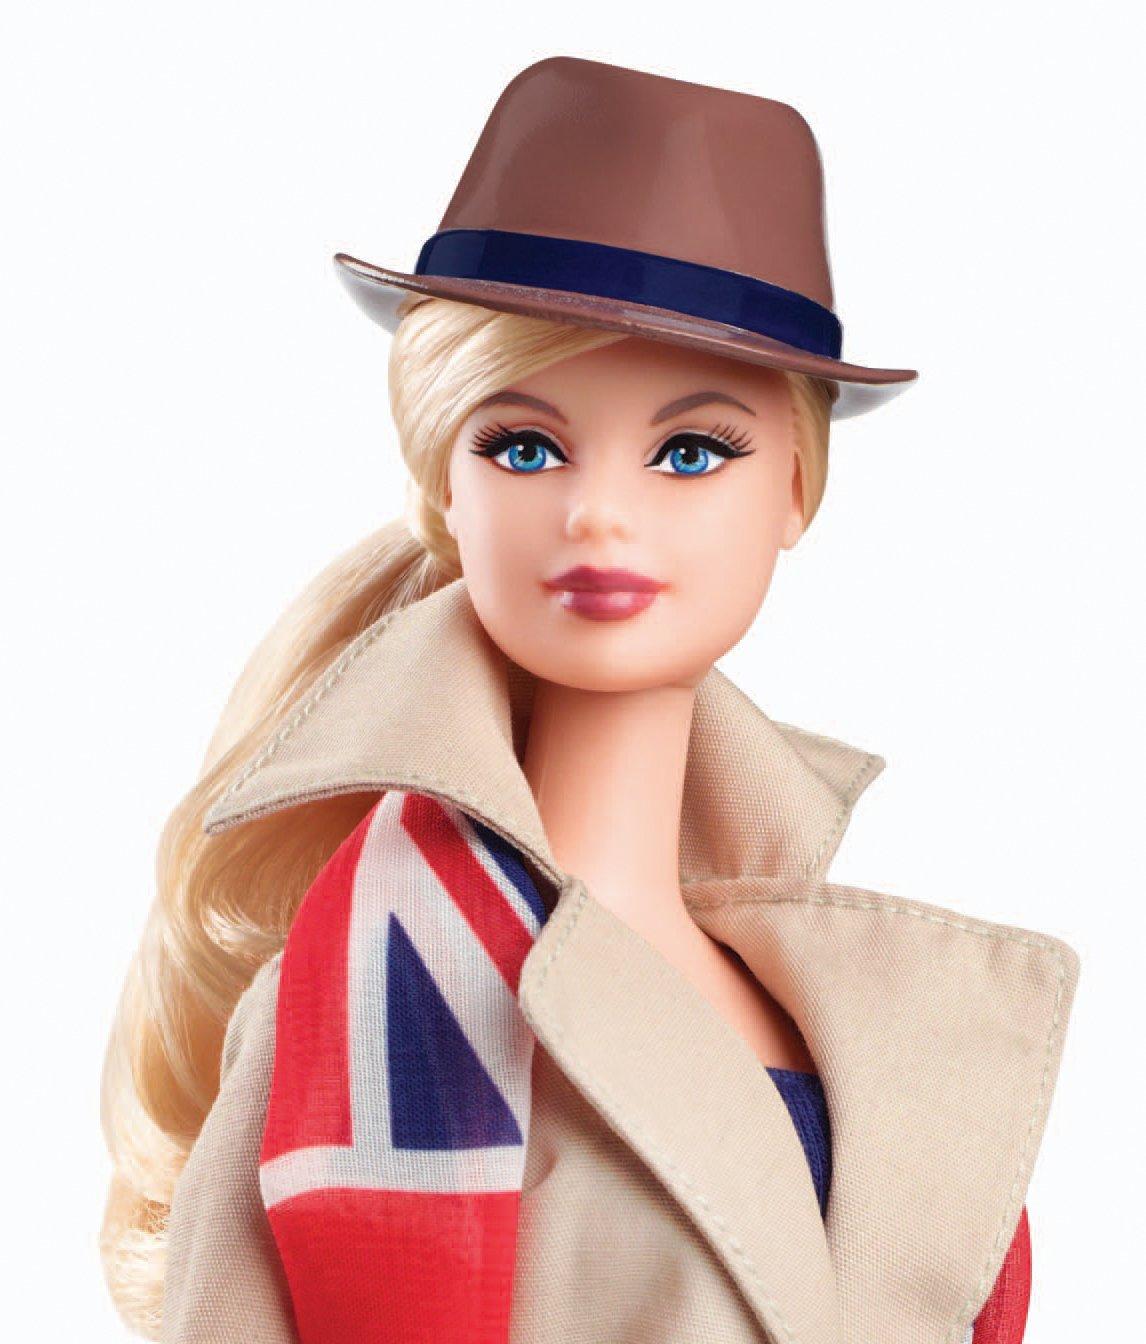 29b4a64222473 Amazon.com  Barbie Dolls of The World United Kingdom Doll  Toys   Games